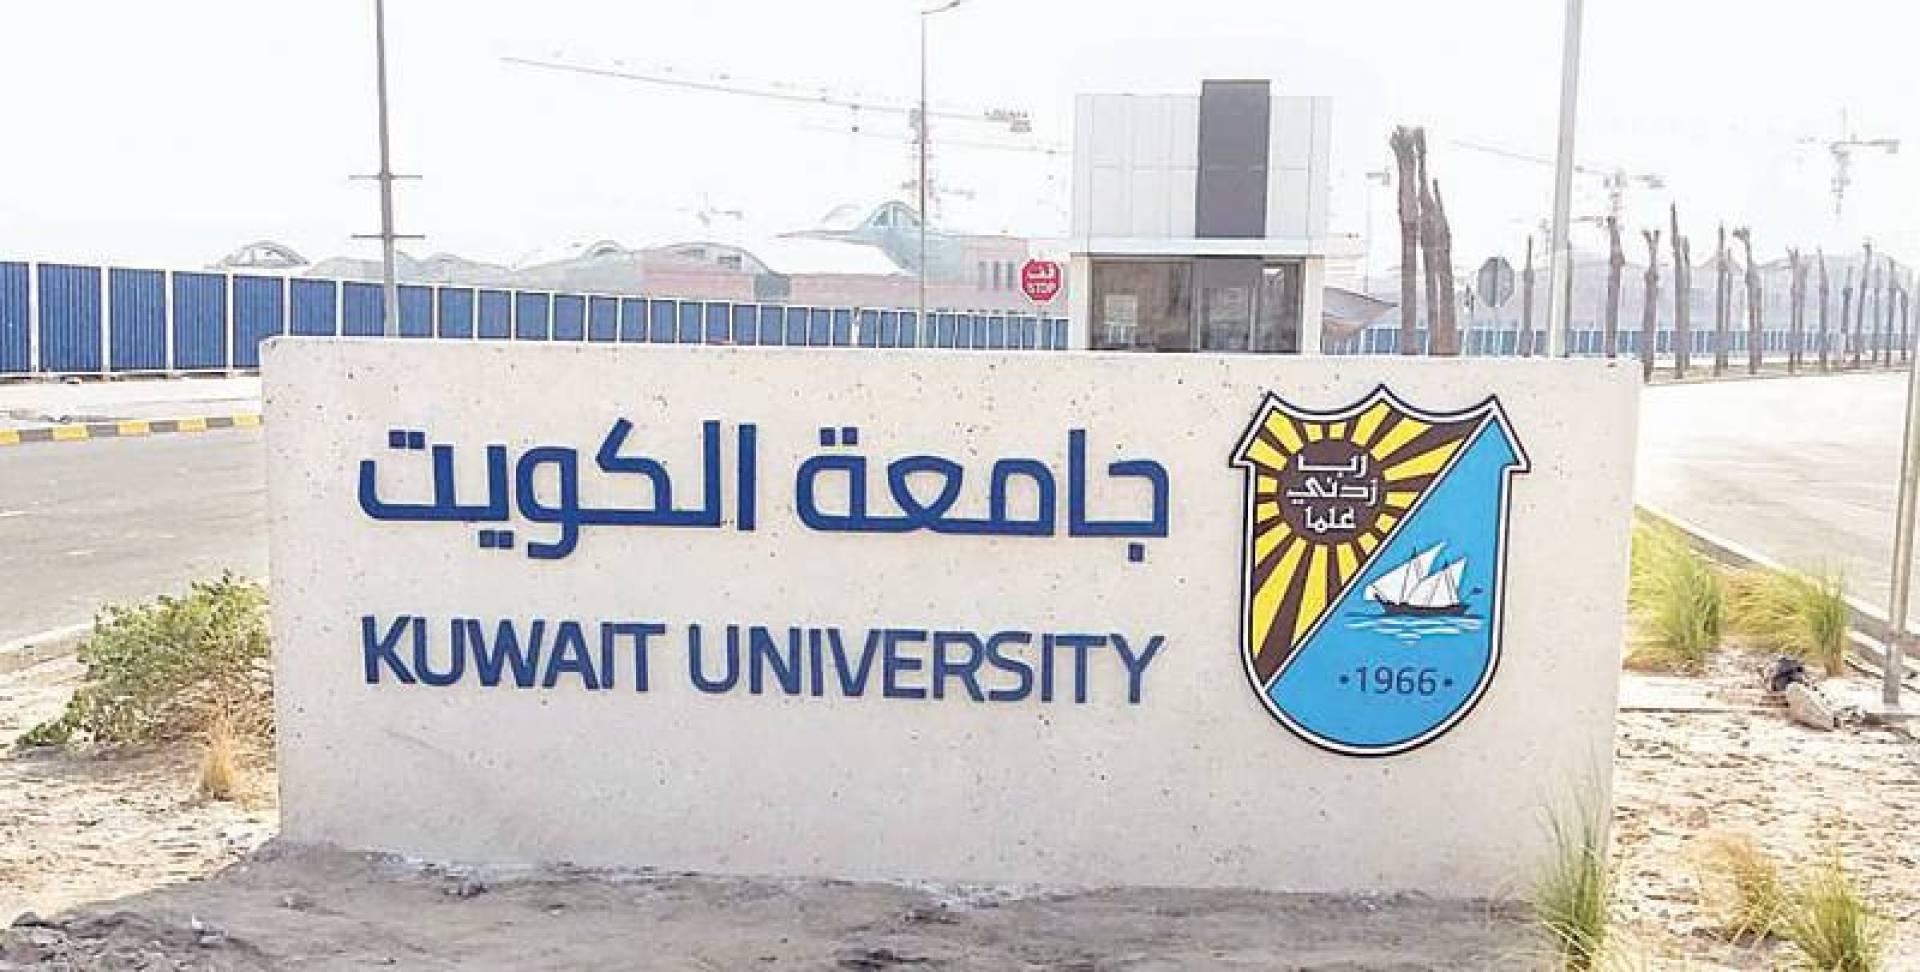 جامعة الكويت: خفض الميزانية يؤثر على طاقتنا في قبول الطلبة المستجدين